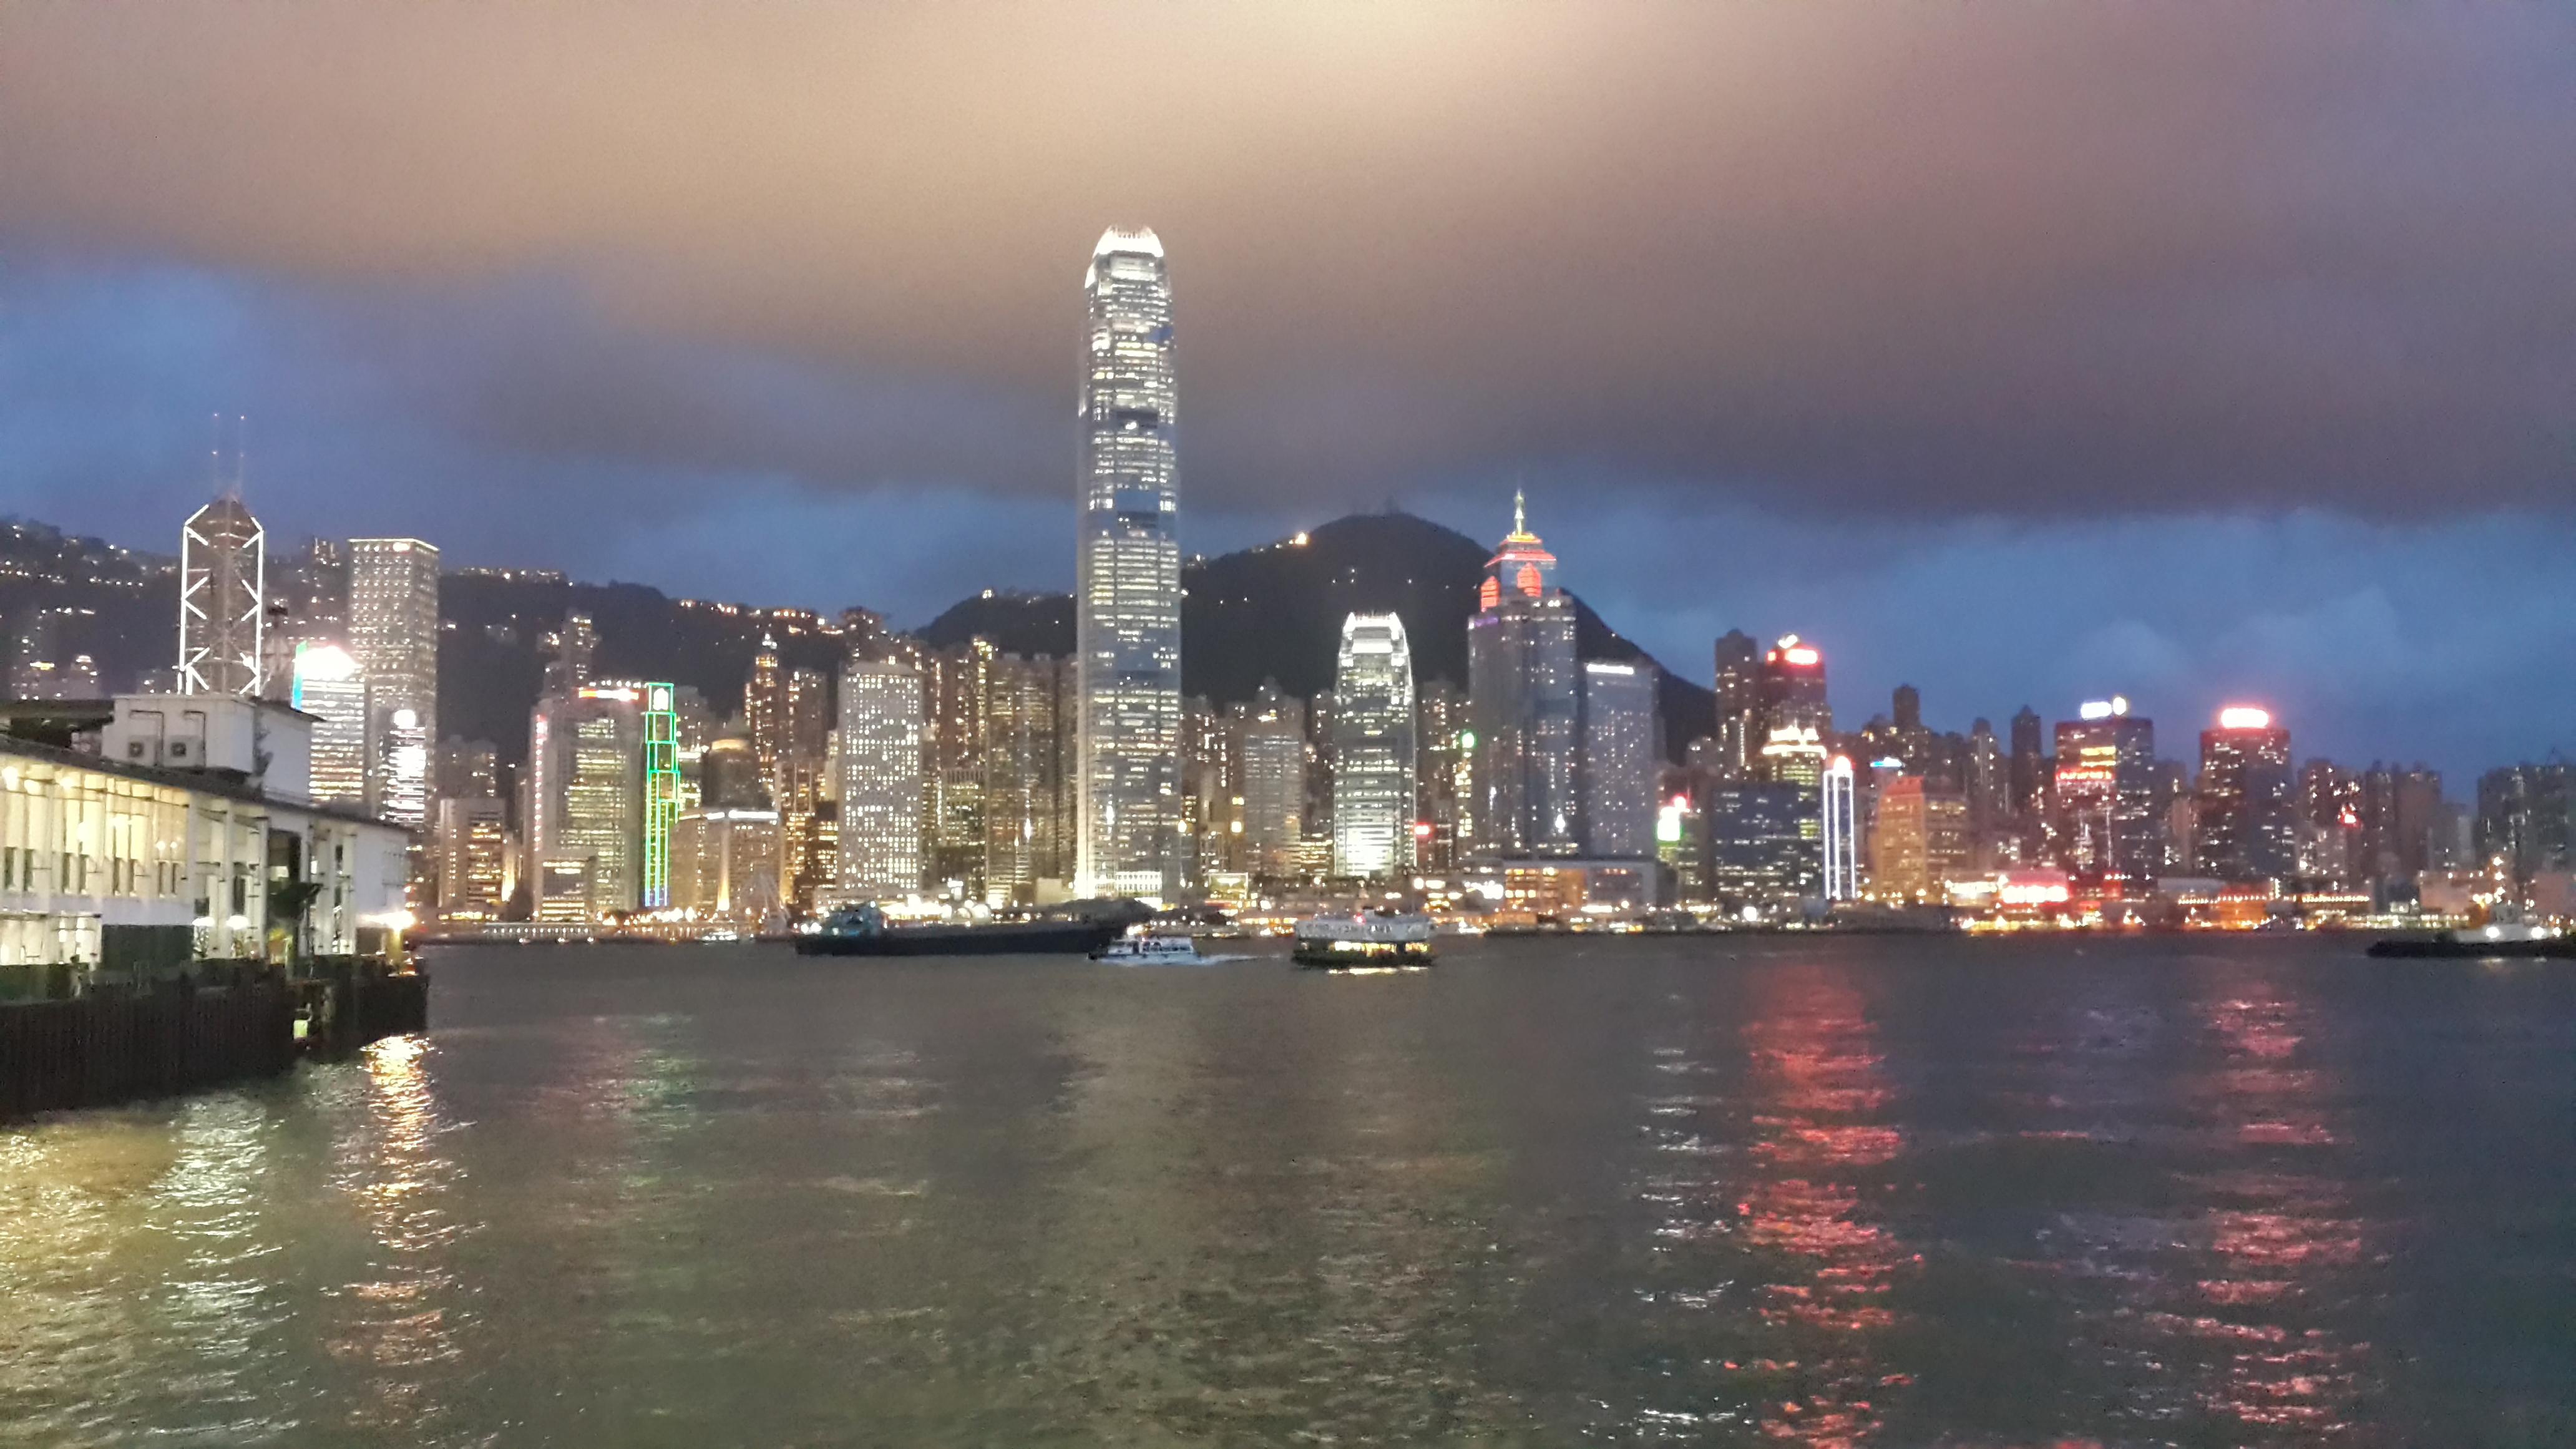 广州长隆--深圳小梅沙--香港自由行